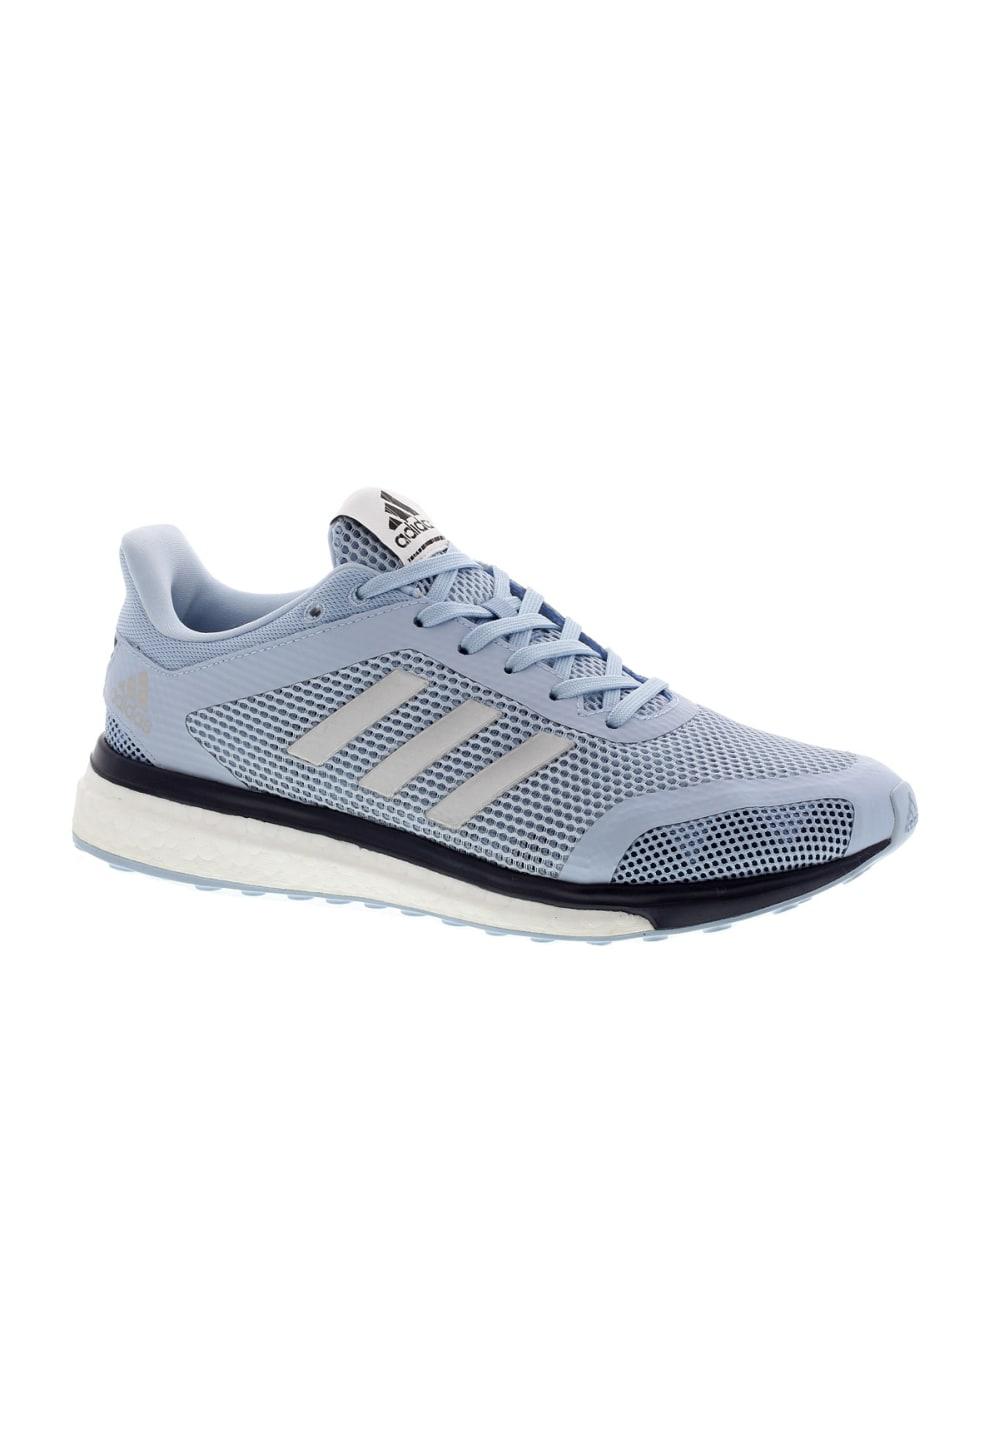 sports shoes 29ad1 e0bf9 21run Damen Adidas LaufSchuhe Response Für Grau CqCxFptwX